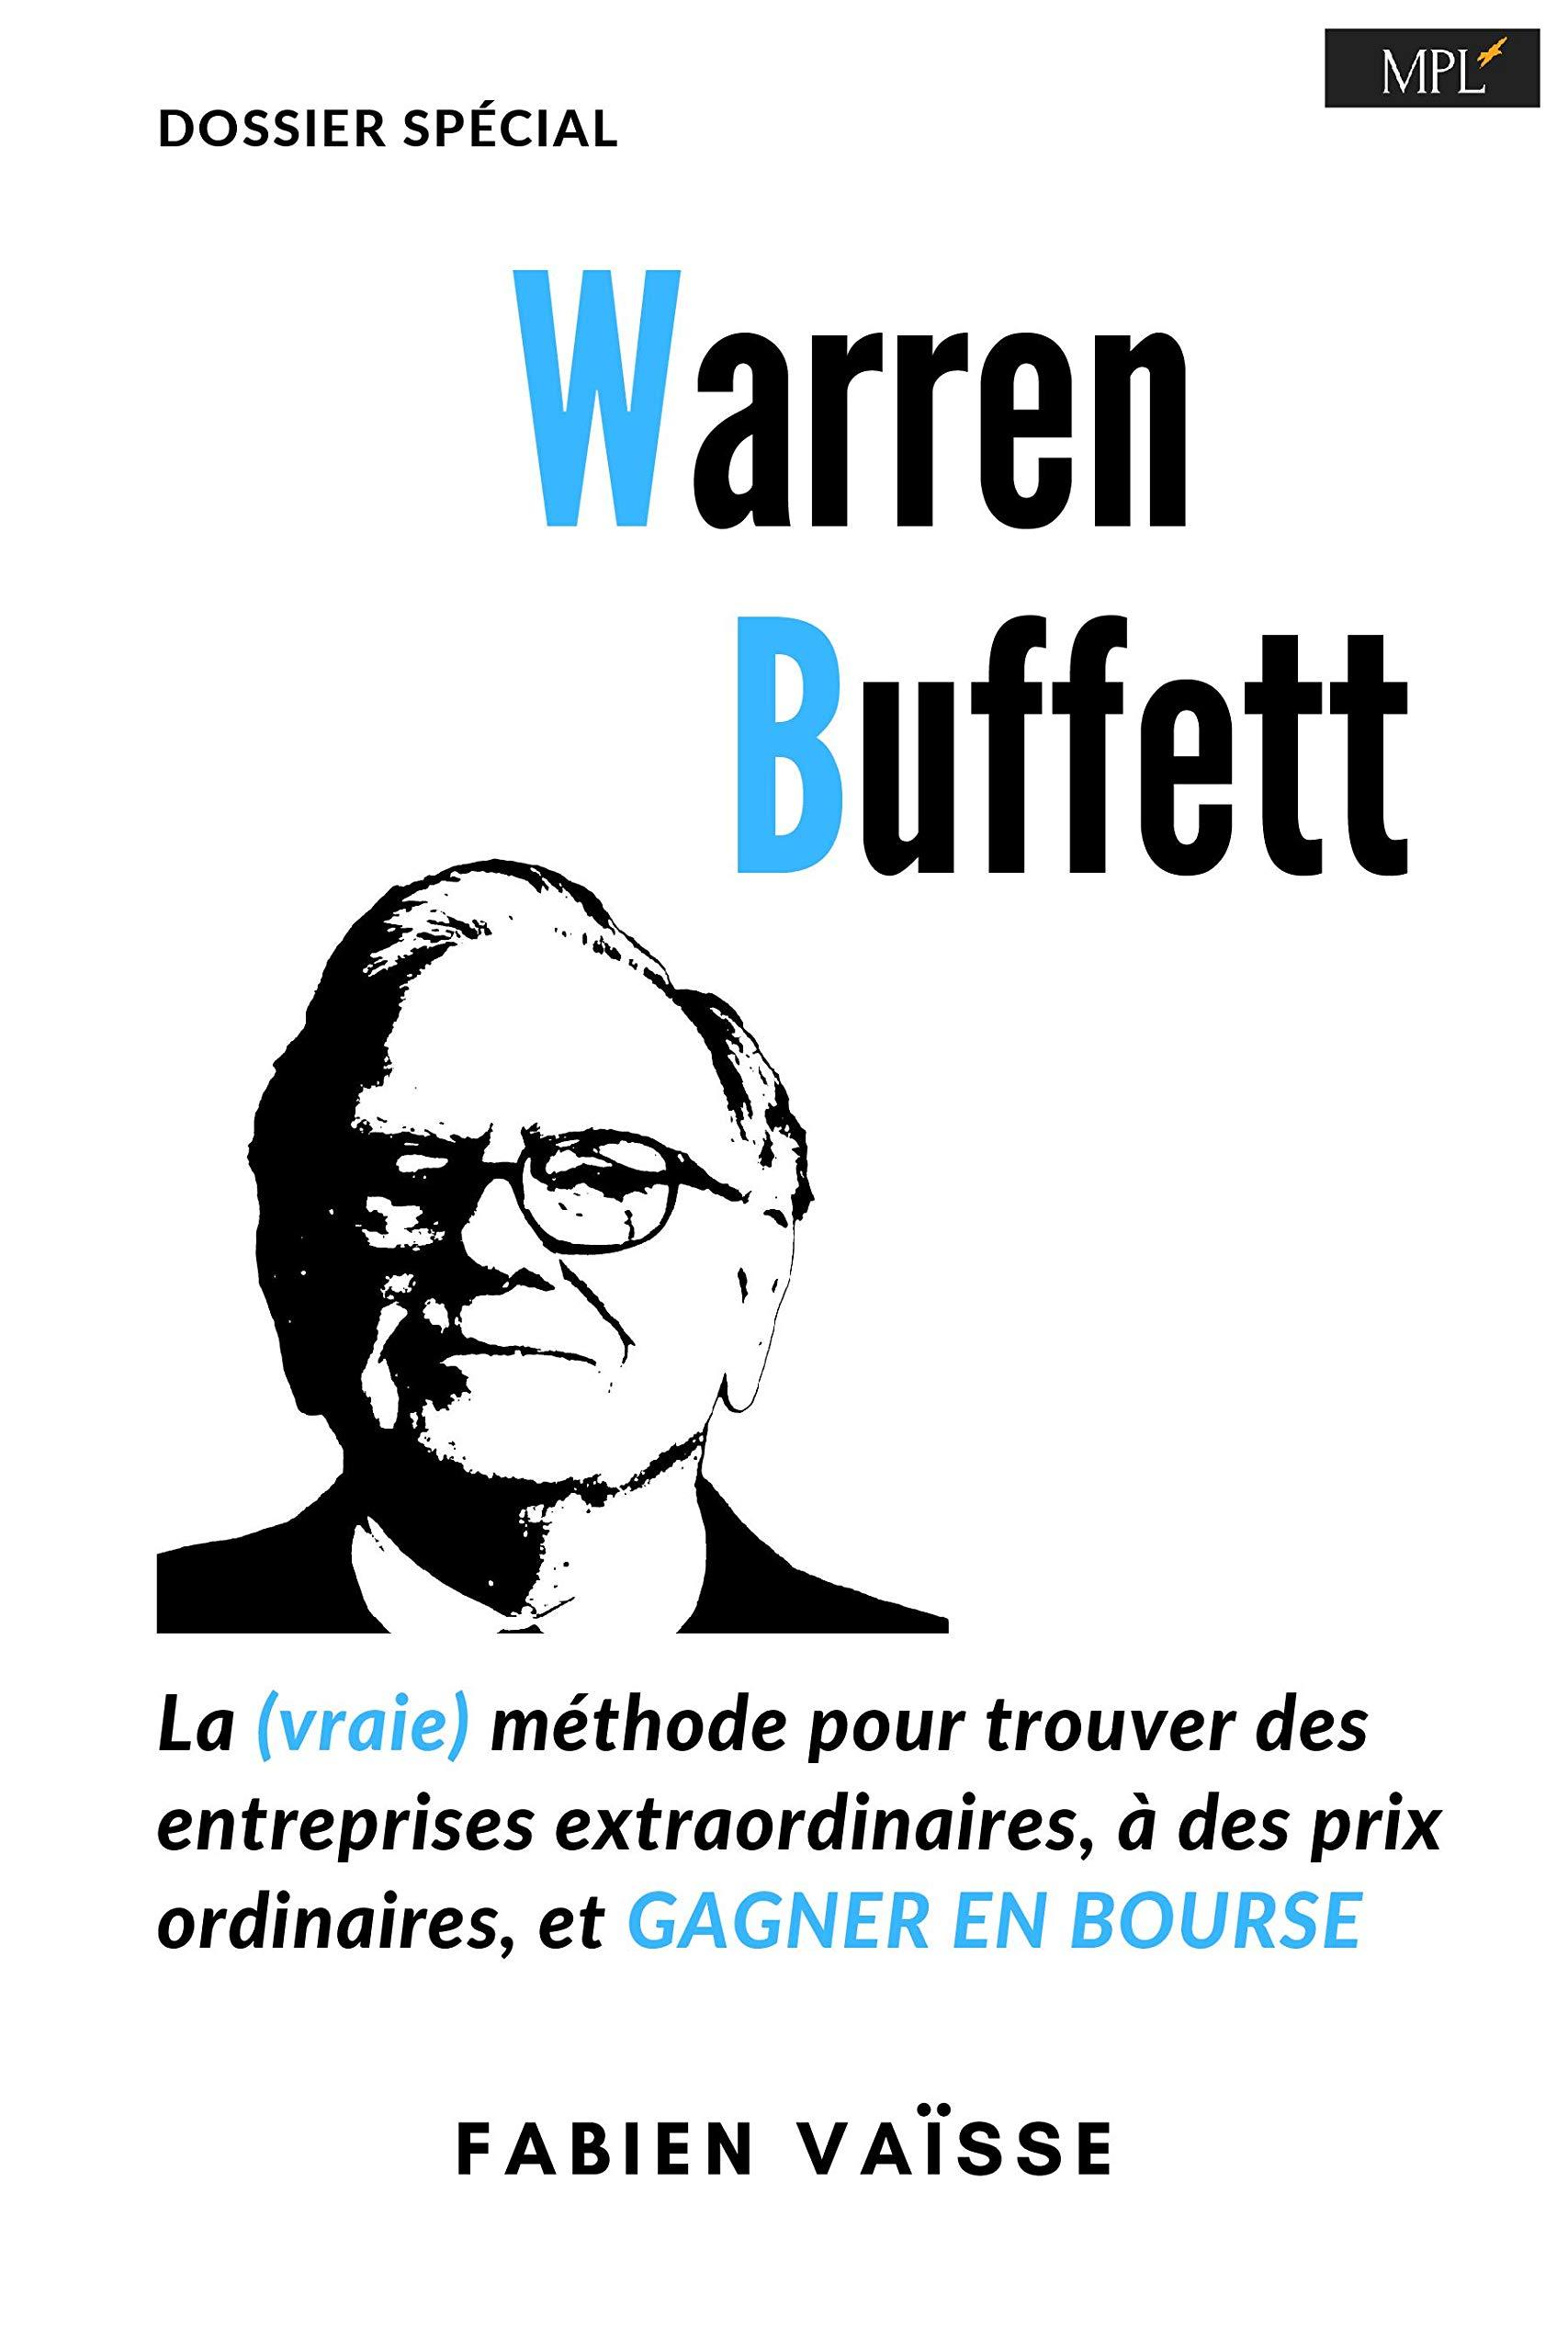 Warren Buffett, la (vraie) méthode, pour trouver des entreprises extraordinaires à des prix ordinaires: ... Et gagner en bourse (French Edition)